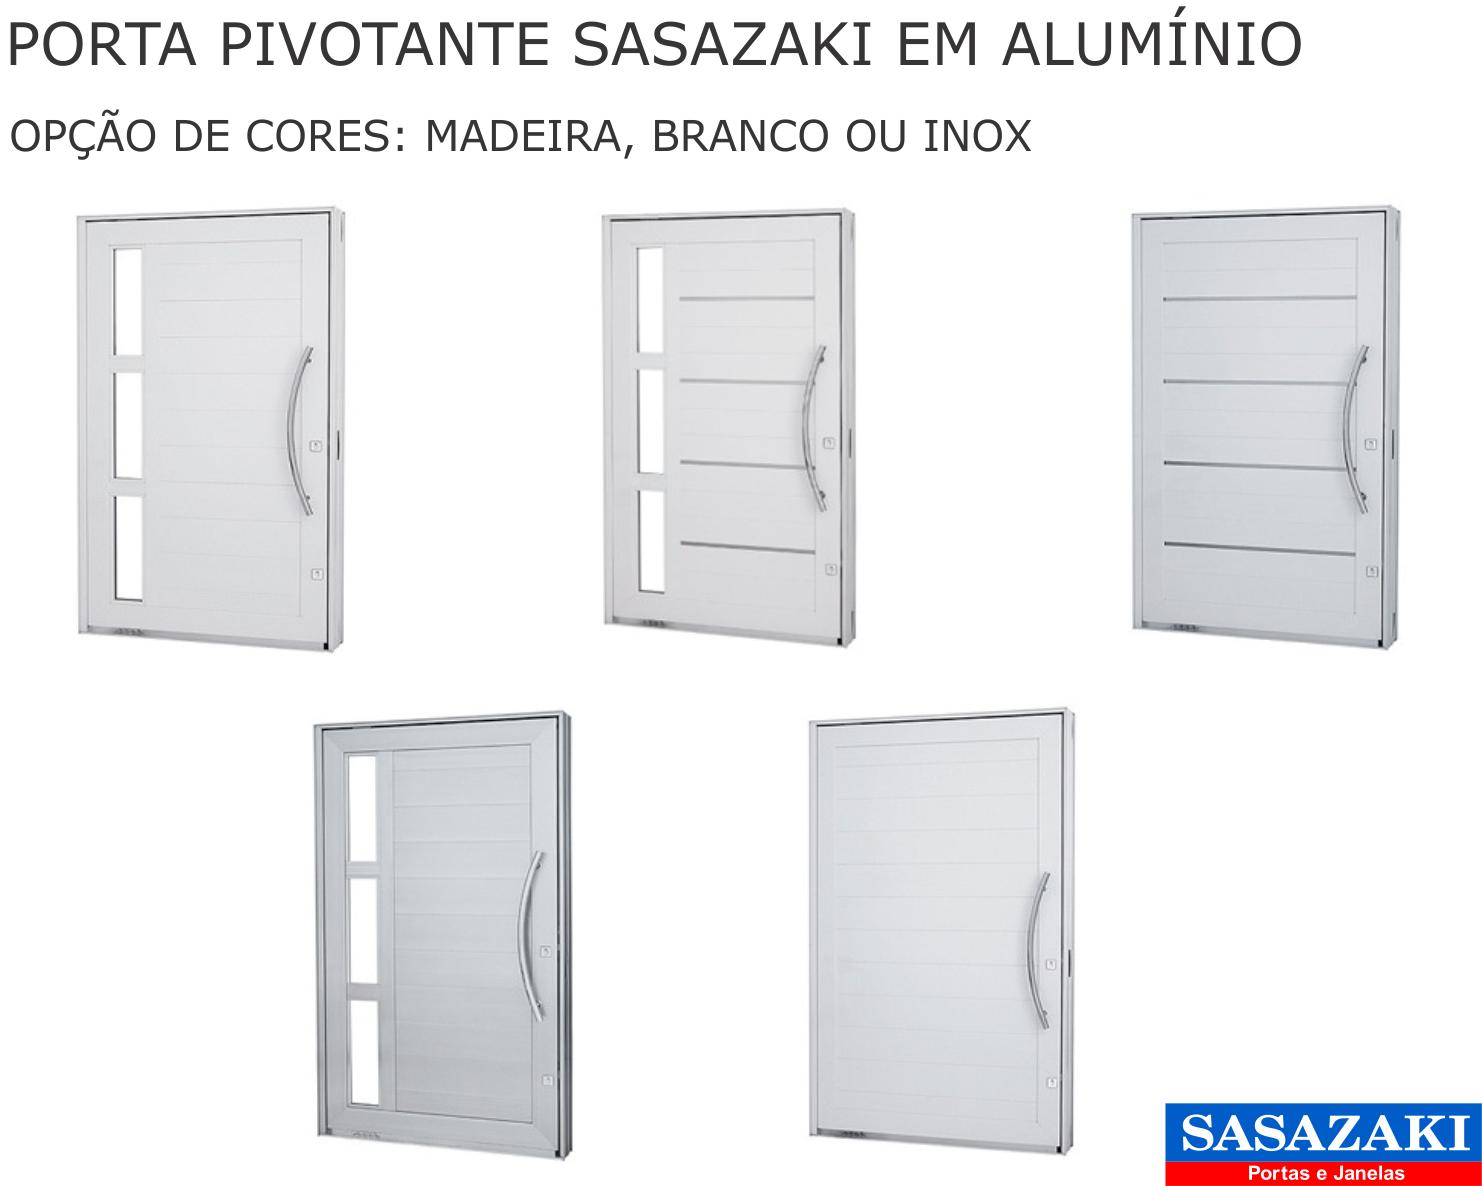 #004EC1 PORTA DE ENTRADA 1042 Portas E Janelas De Aluminio Da Sasazaki